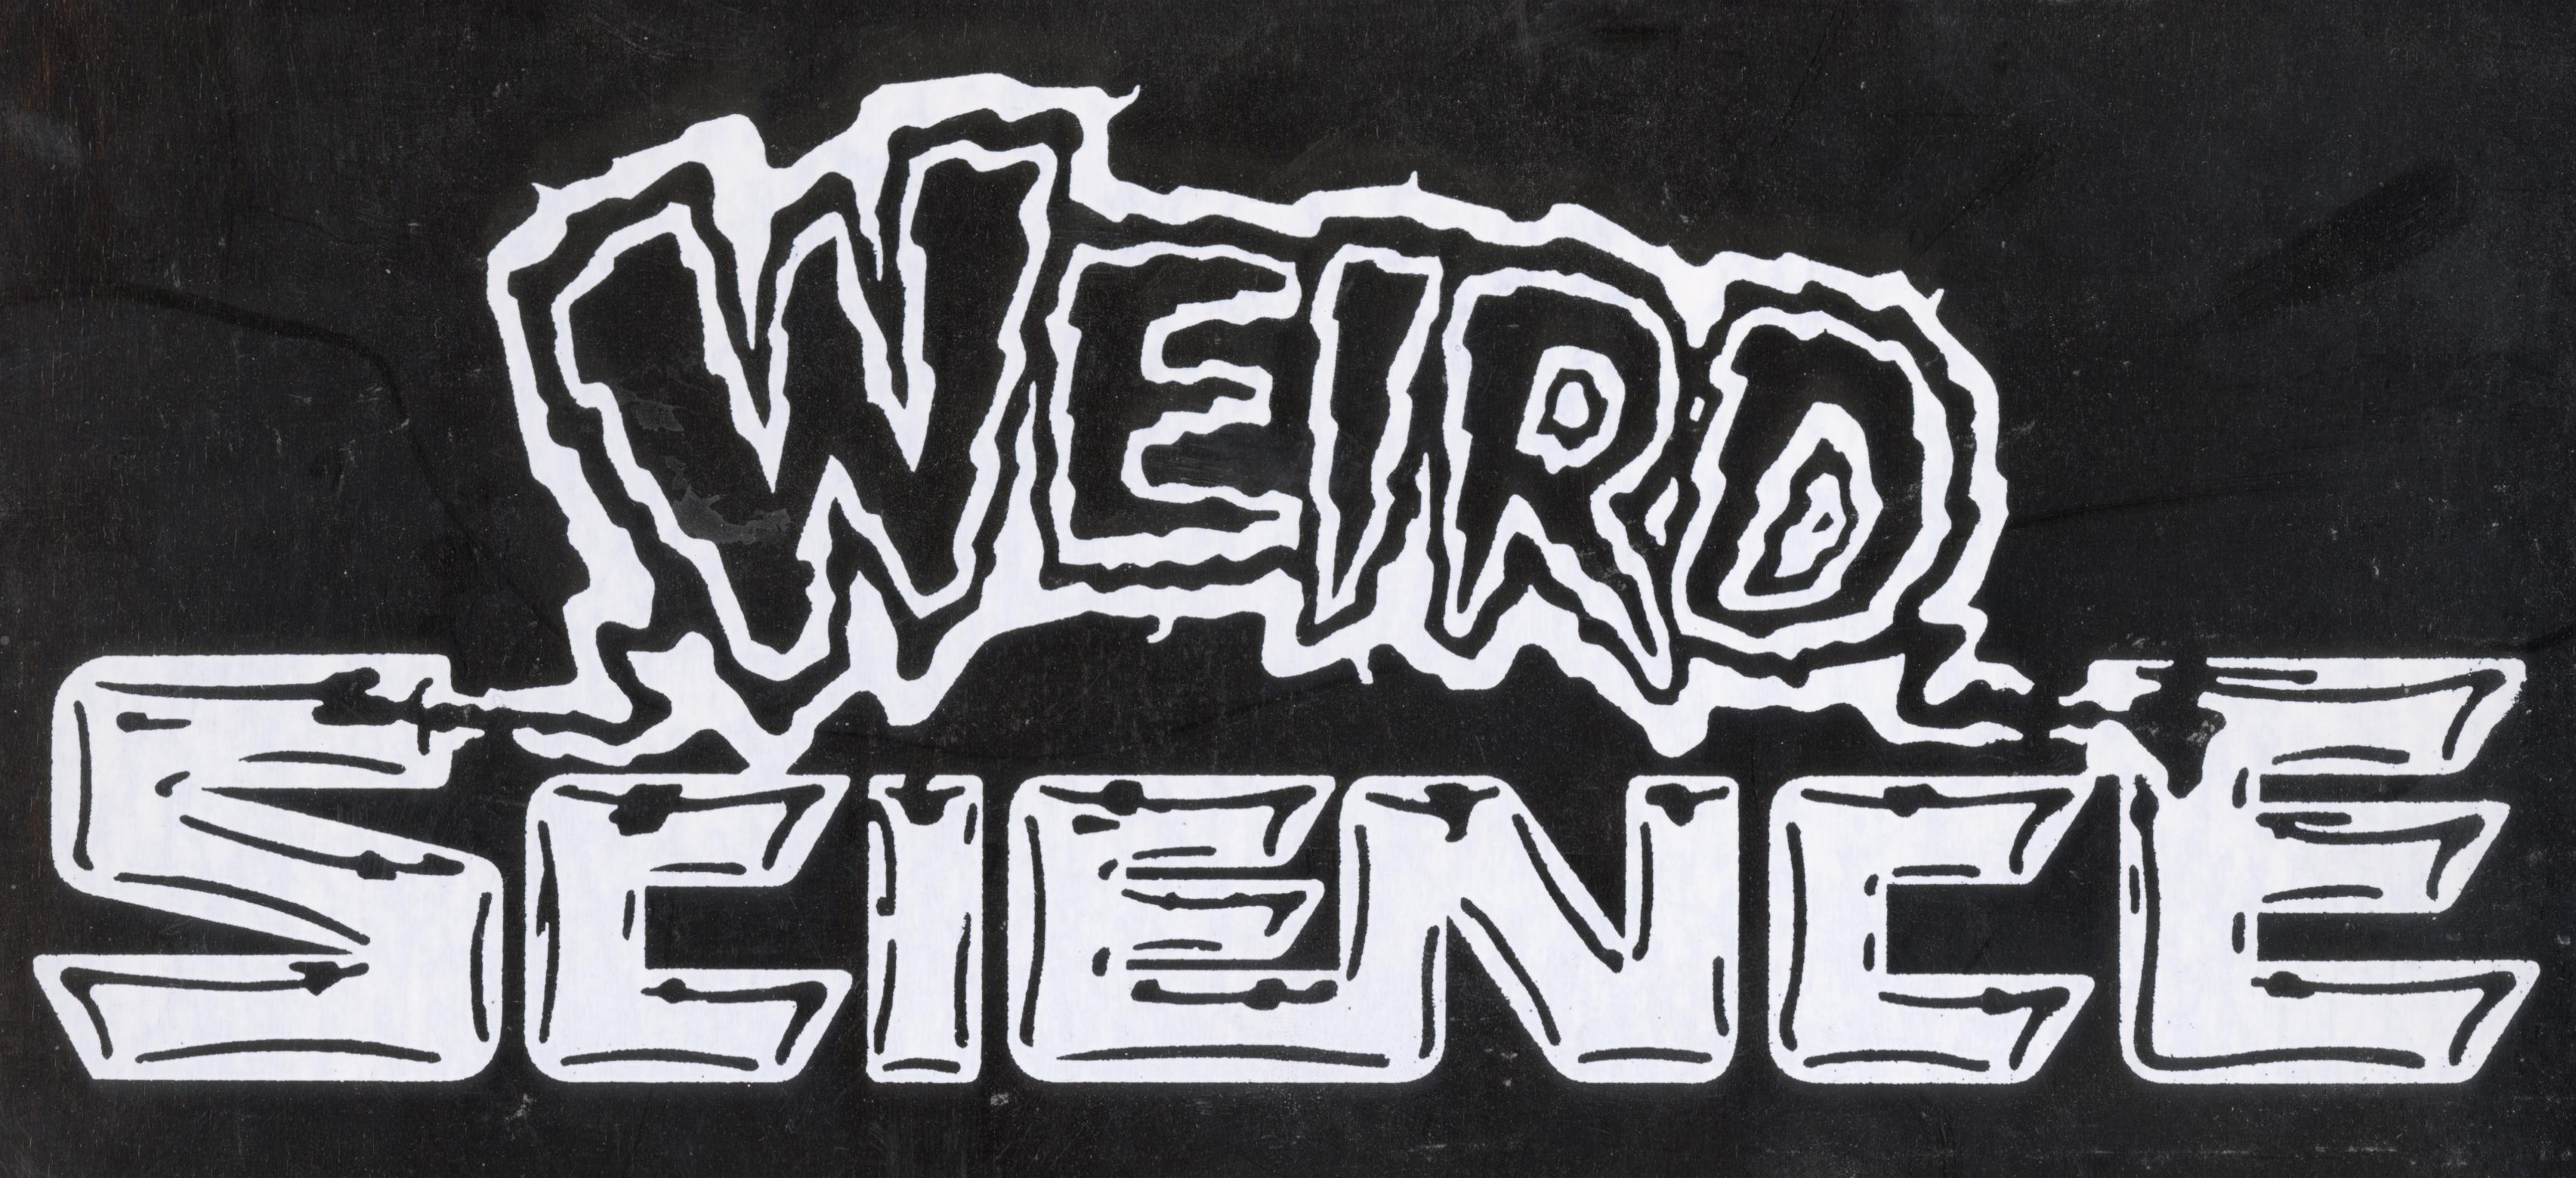 Weird Science show card.